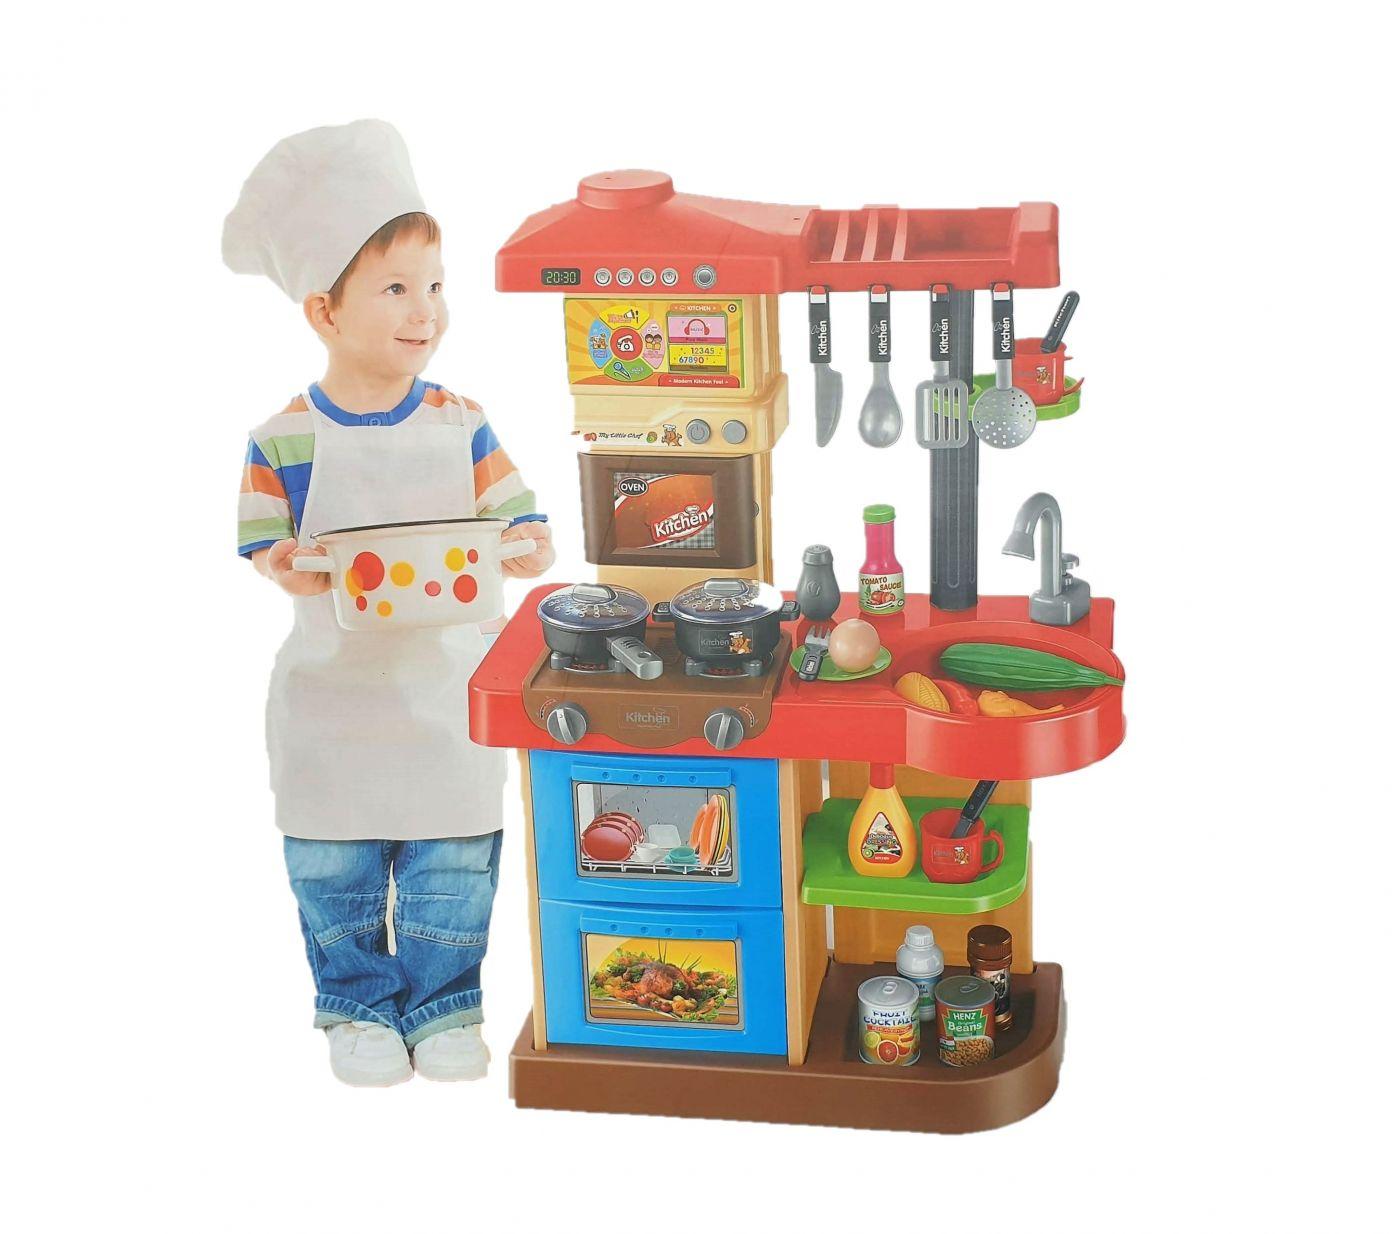 WD-R16 Кухня игровая интерактивная с пультом, водой, большой мойкой